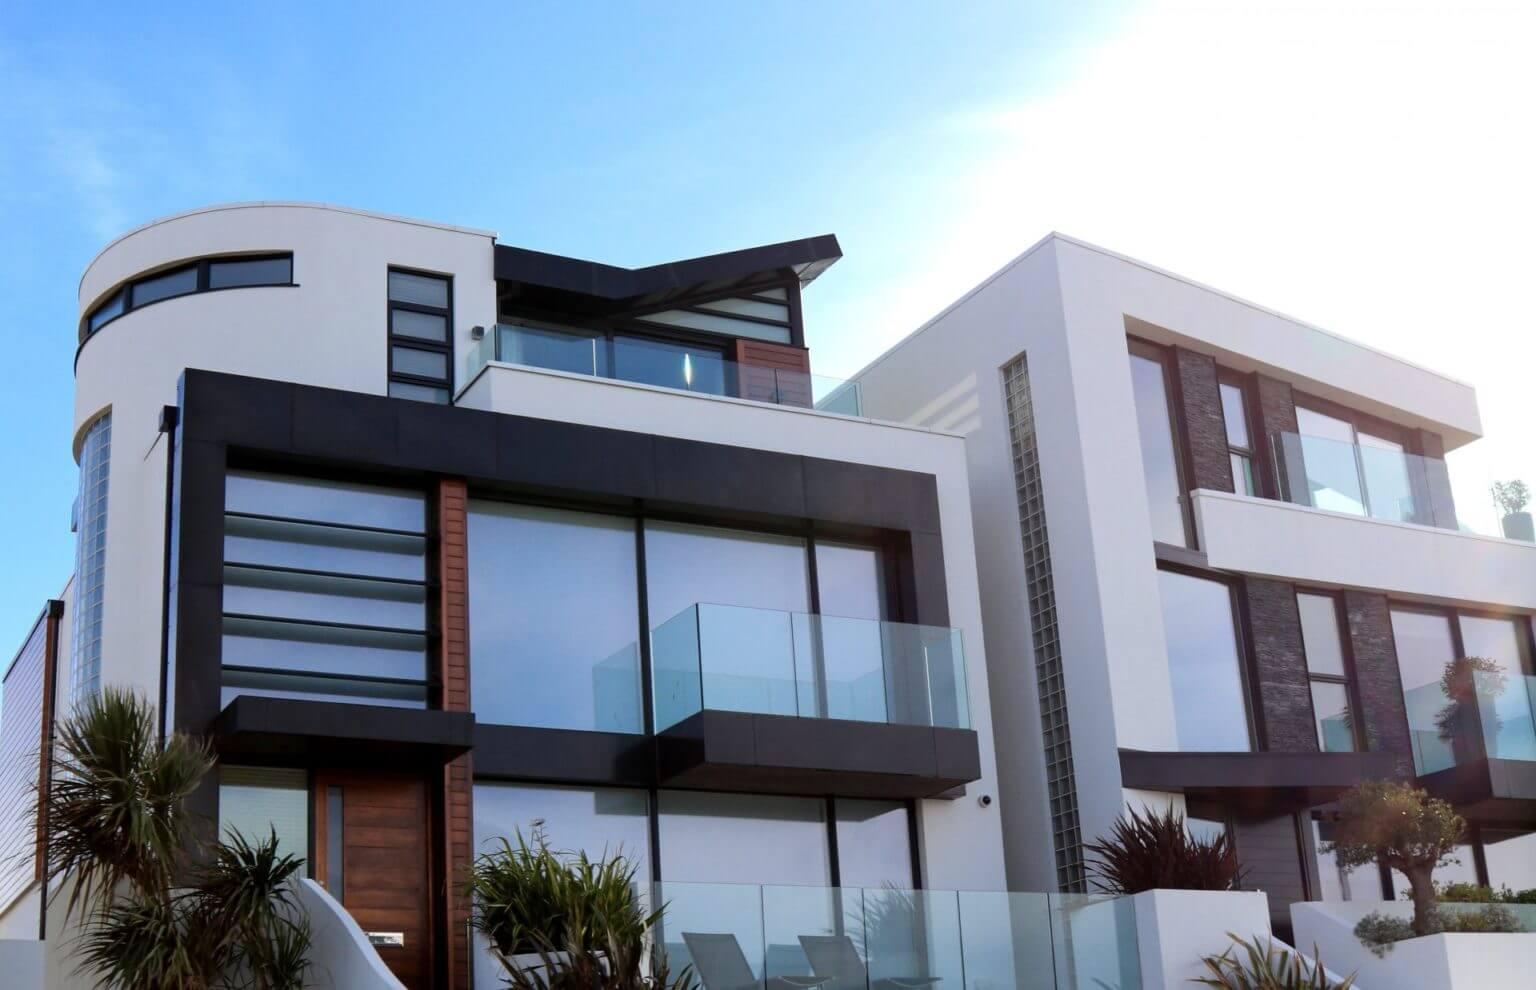 Immobilier et maison villa de luxe ISF IFI